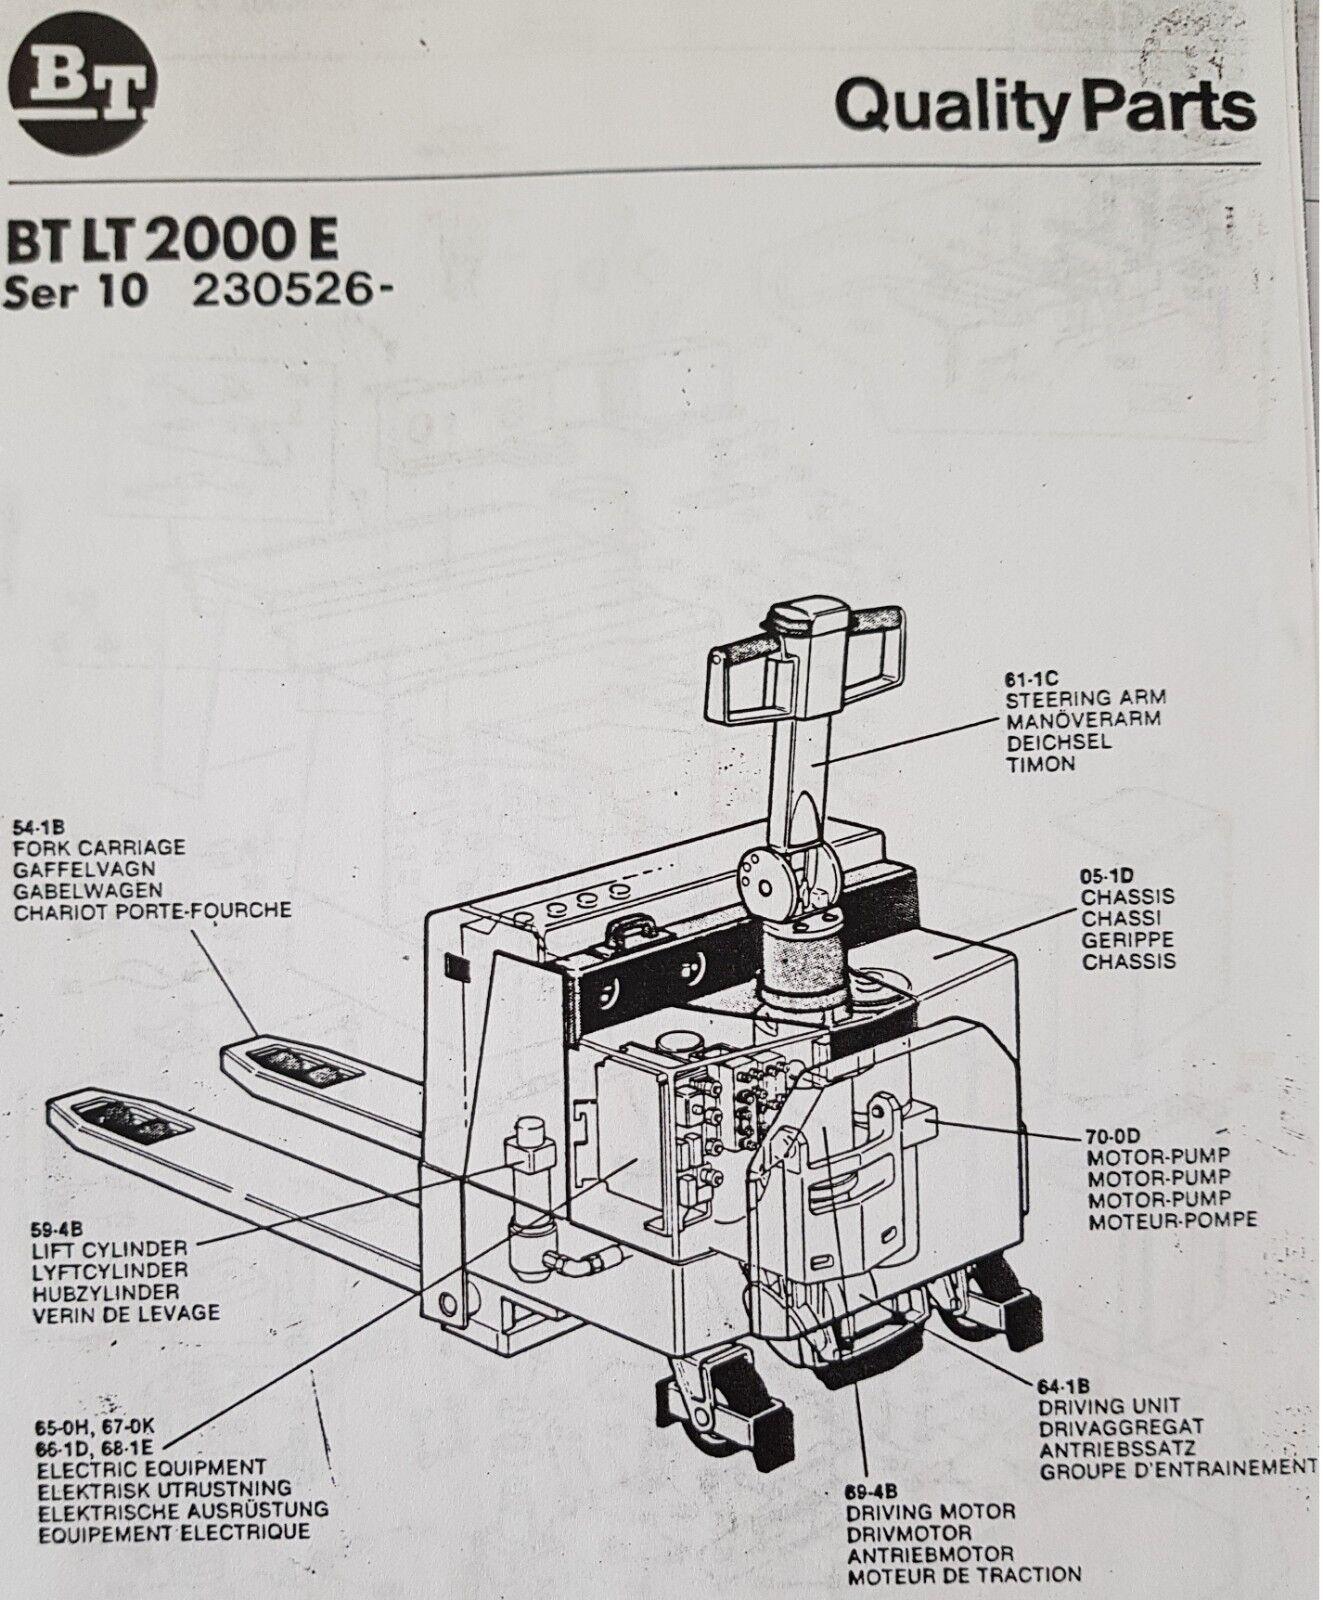 Piston Tige Litre No. 127052 BT Lsf 1250 E/10 Lsf 1250/11 Litre Tige 2000 E Ser.10 1c96b0